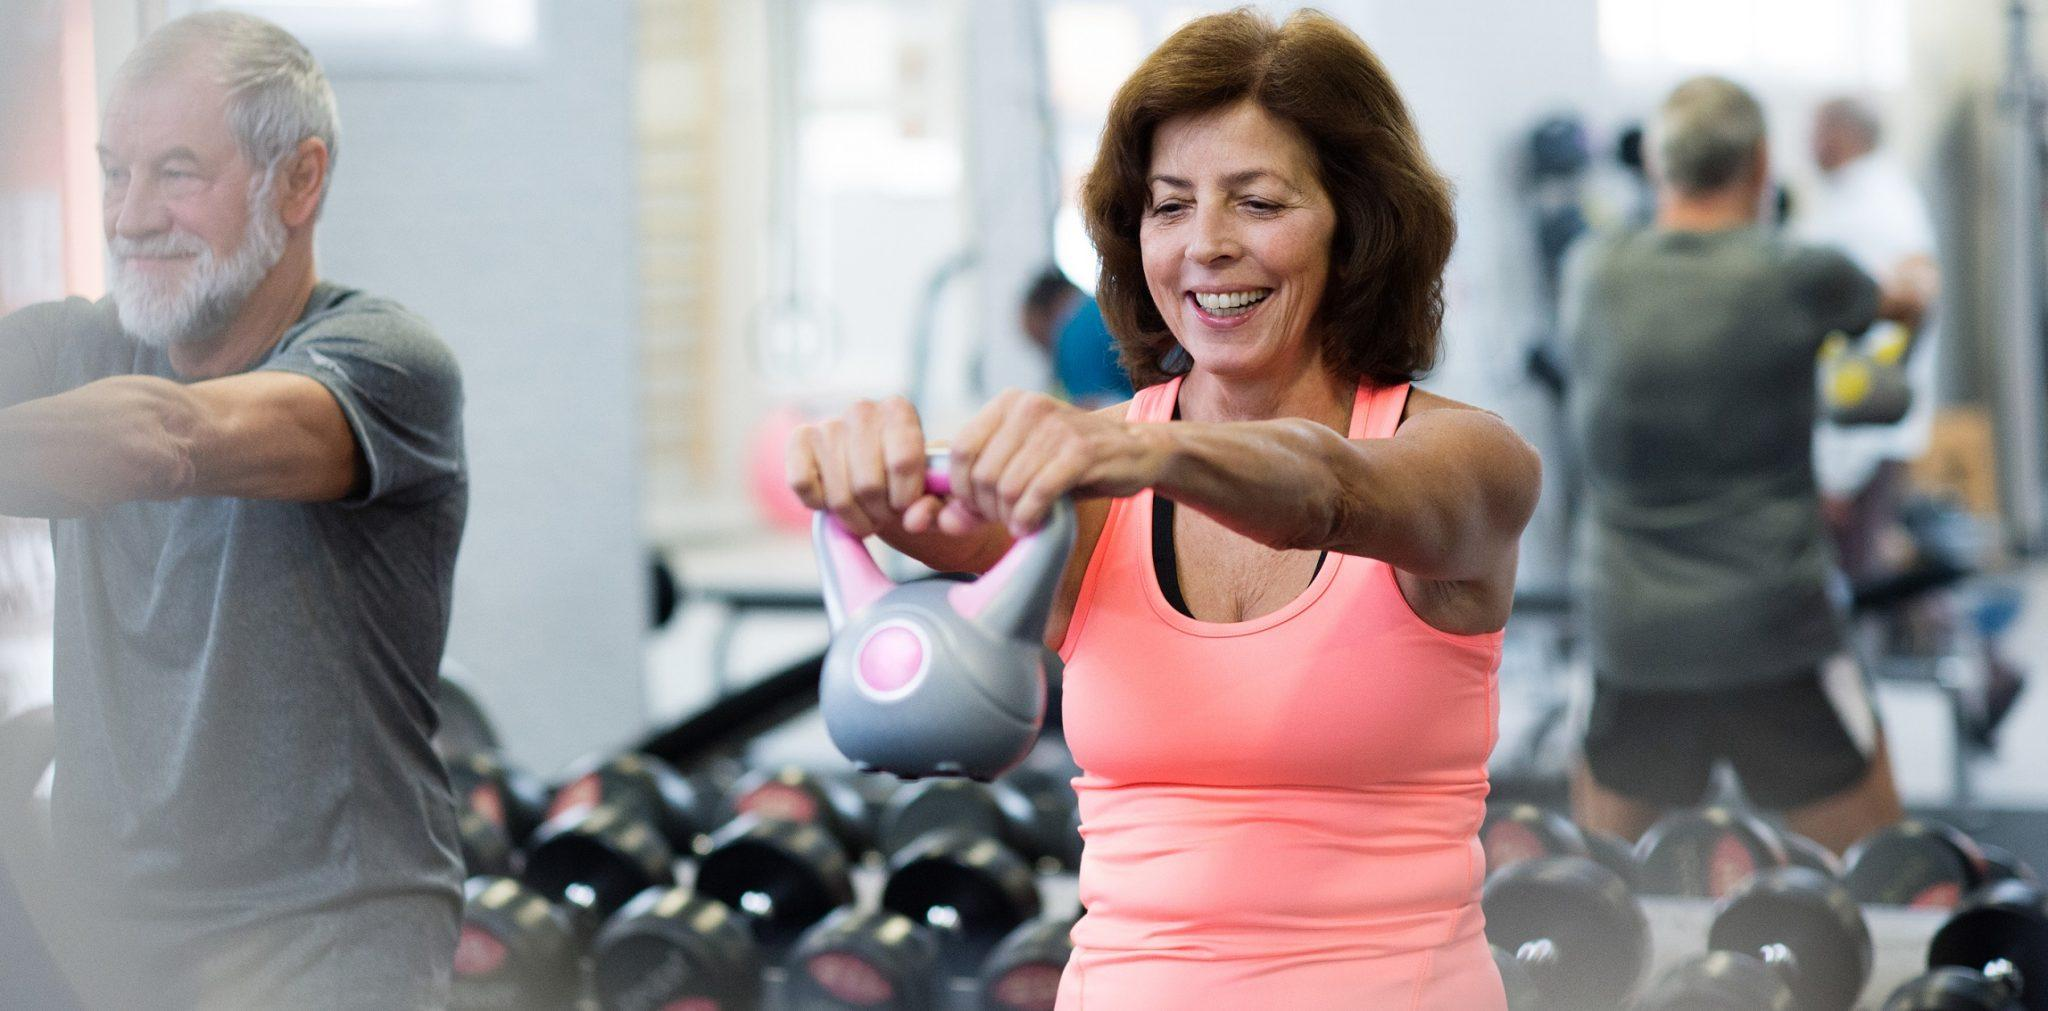 Упражнения для женщин после 50: советы по выполнению, особенности тренировок